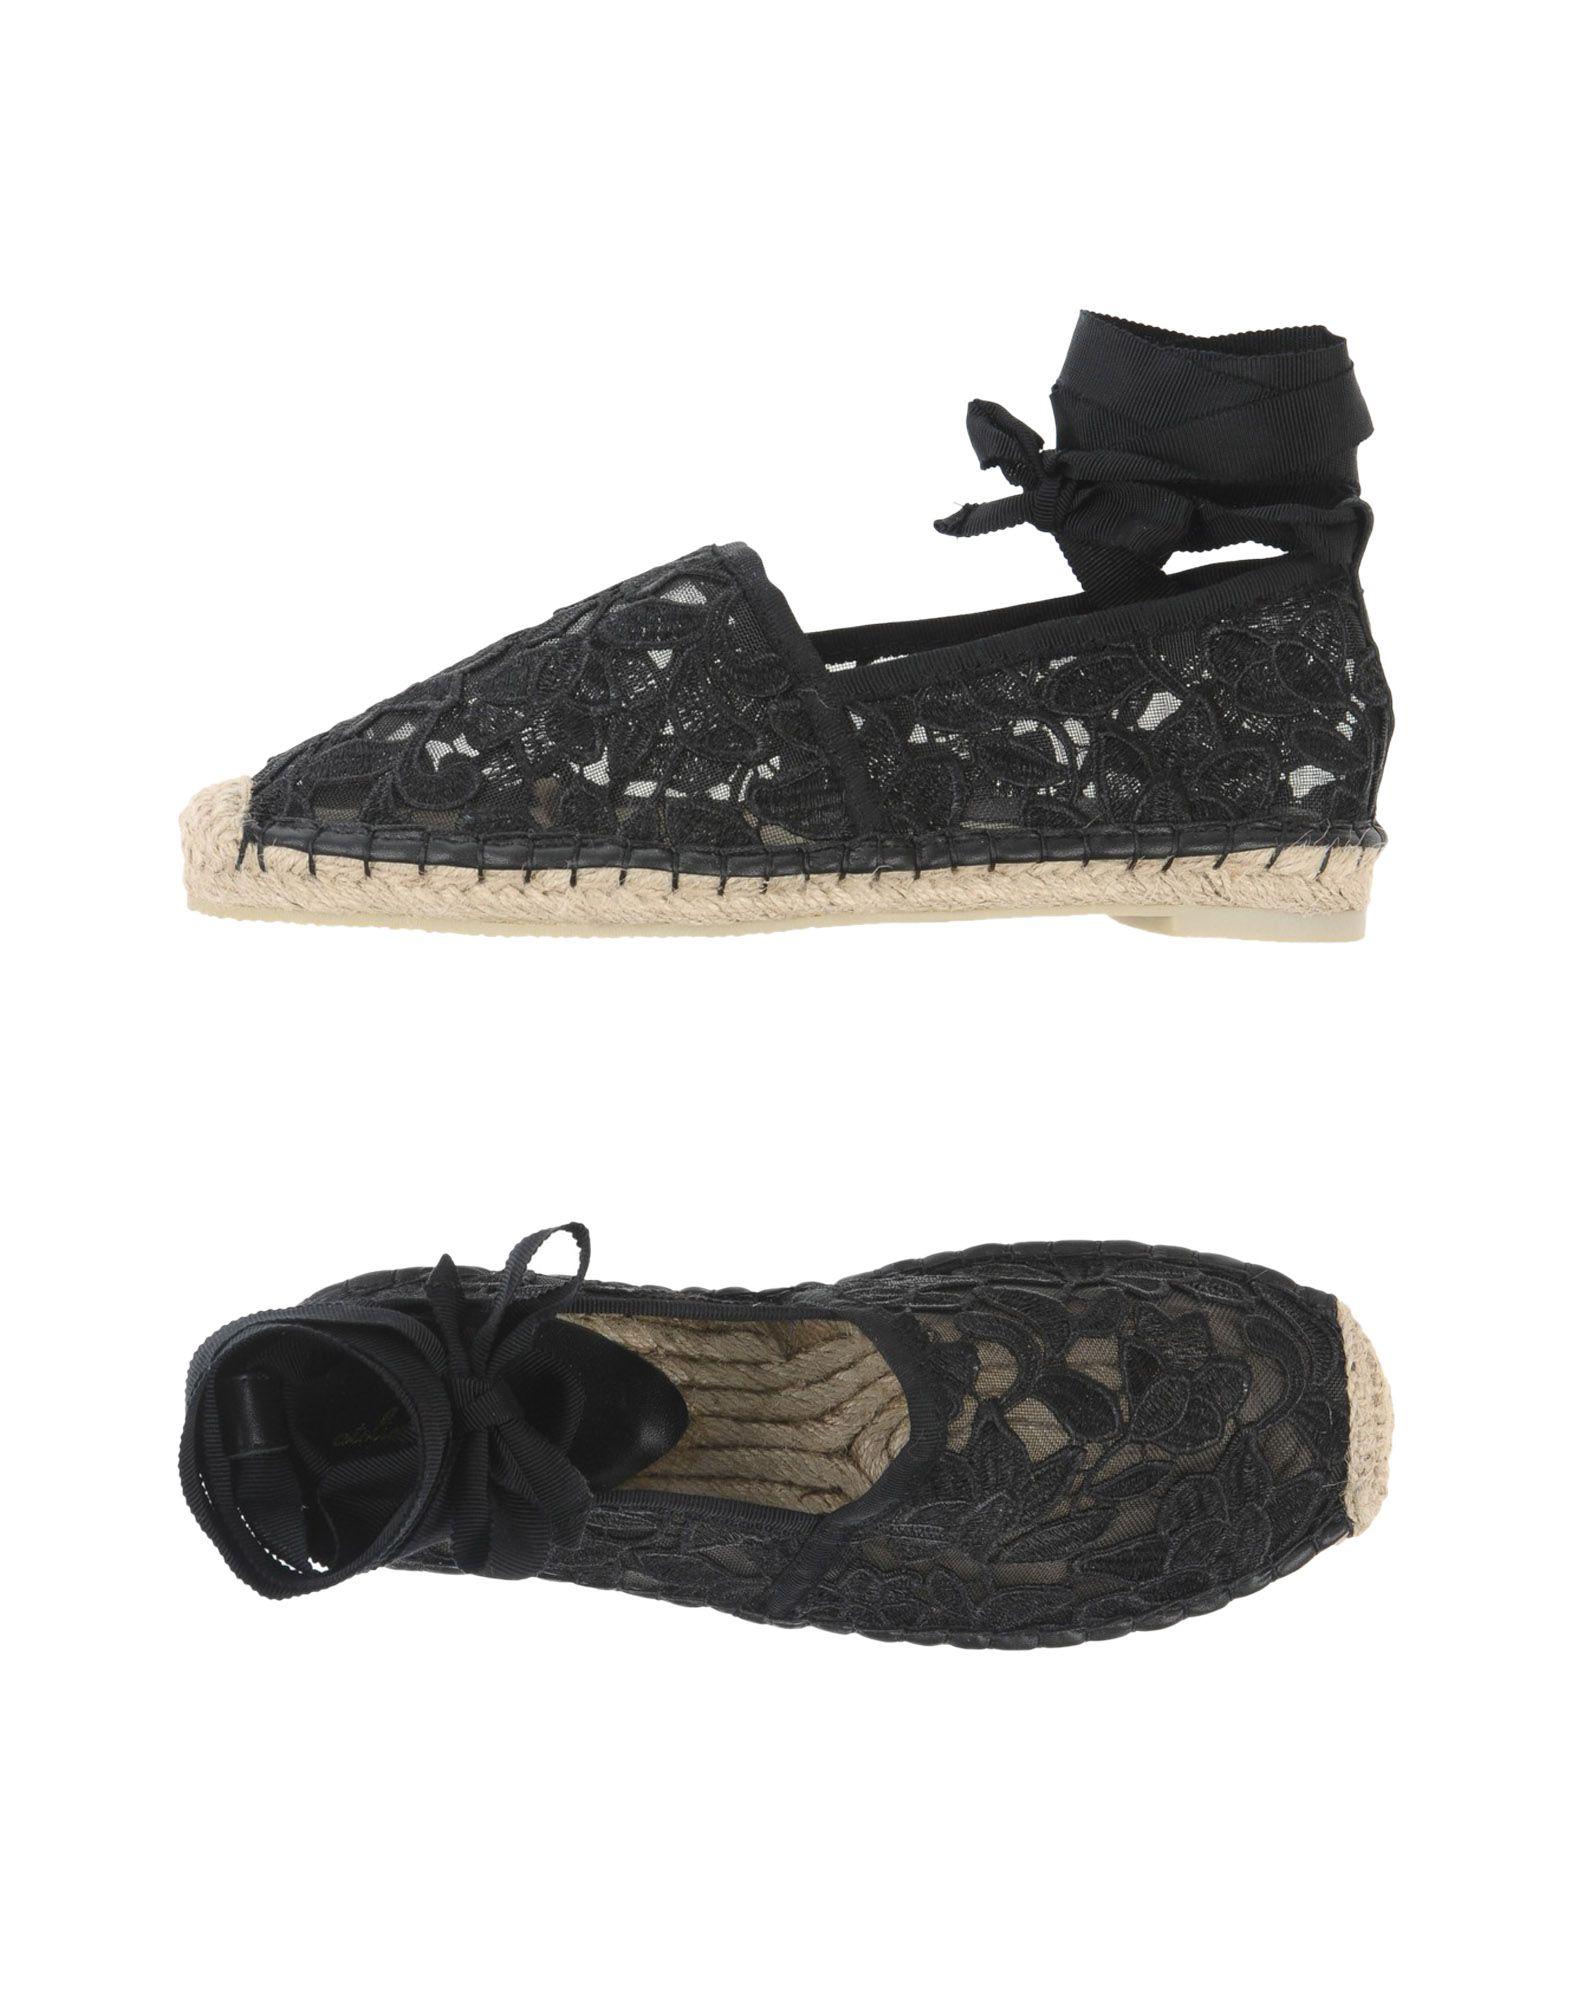 Atelier Mercadal Espadrilles Damen  11405410GR Gute Qualität beliebte beliebte beliebte Schuhe 696e35